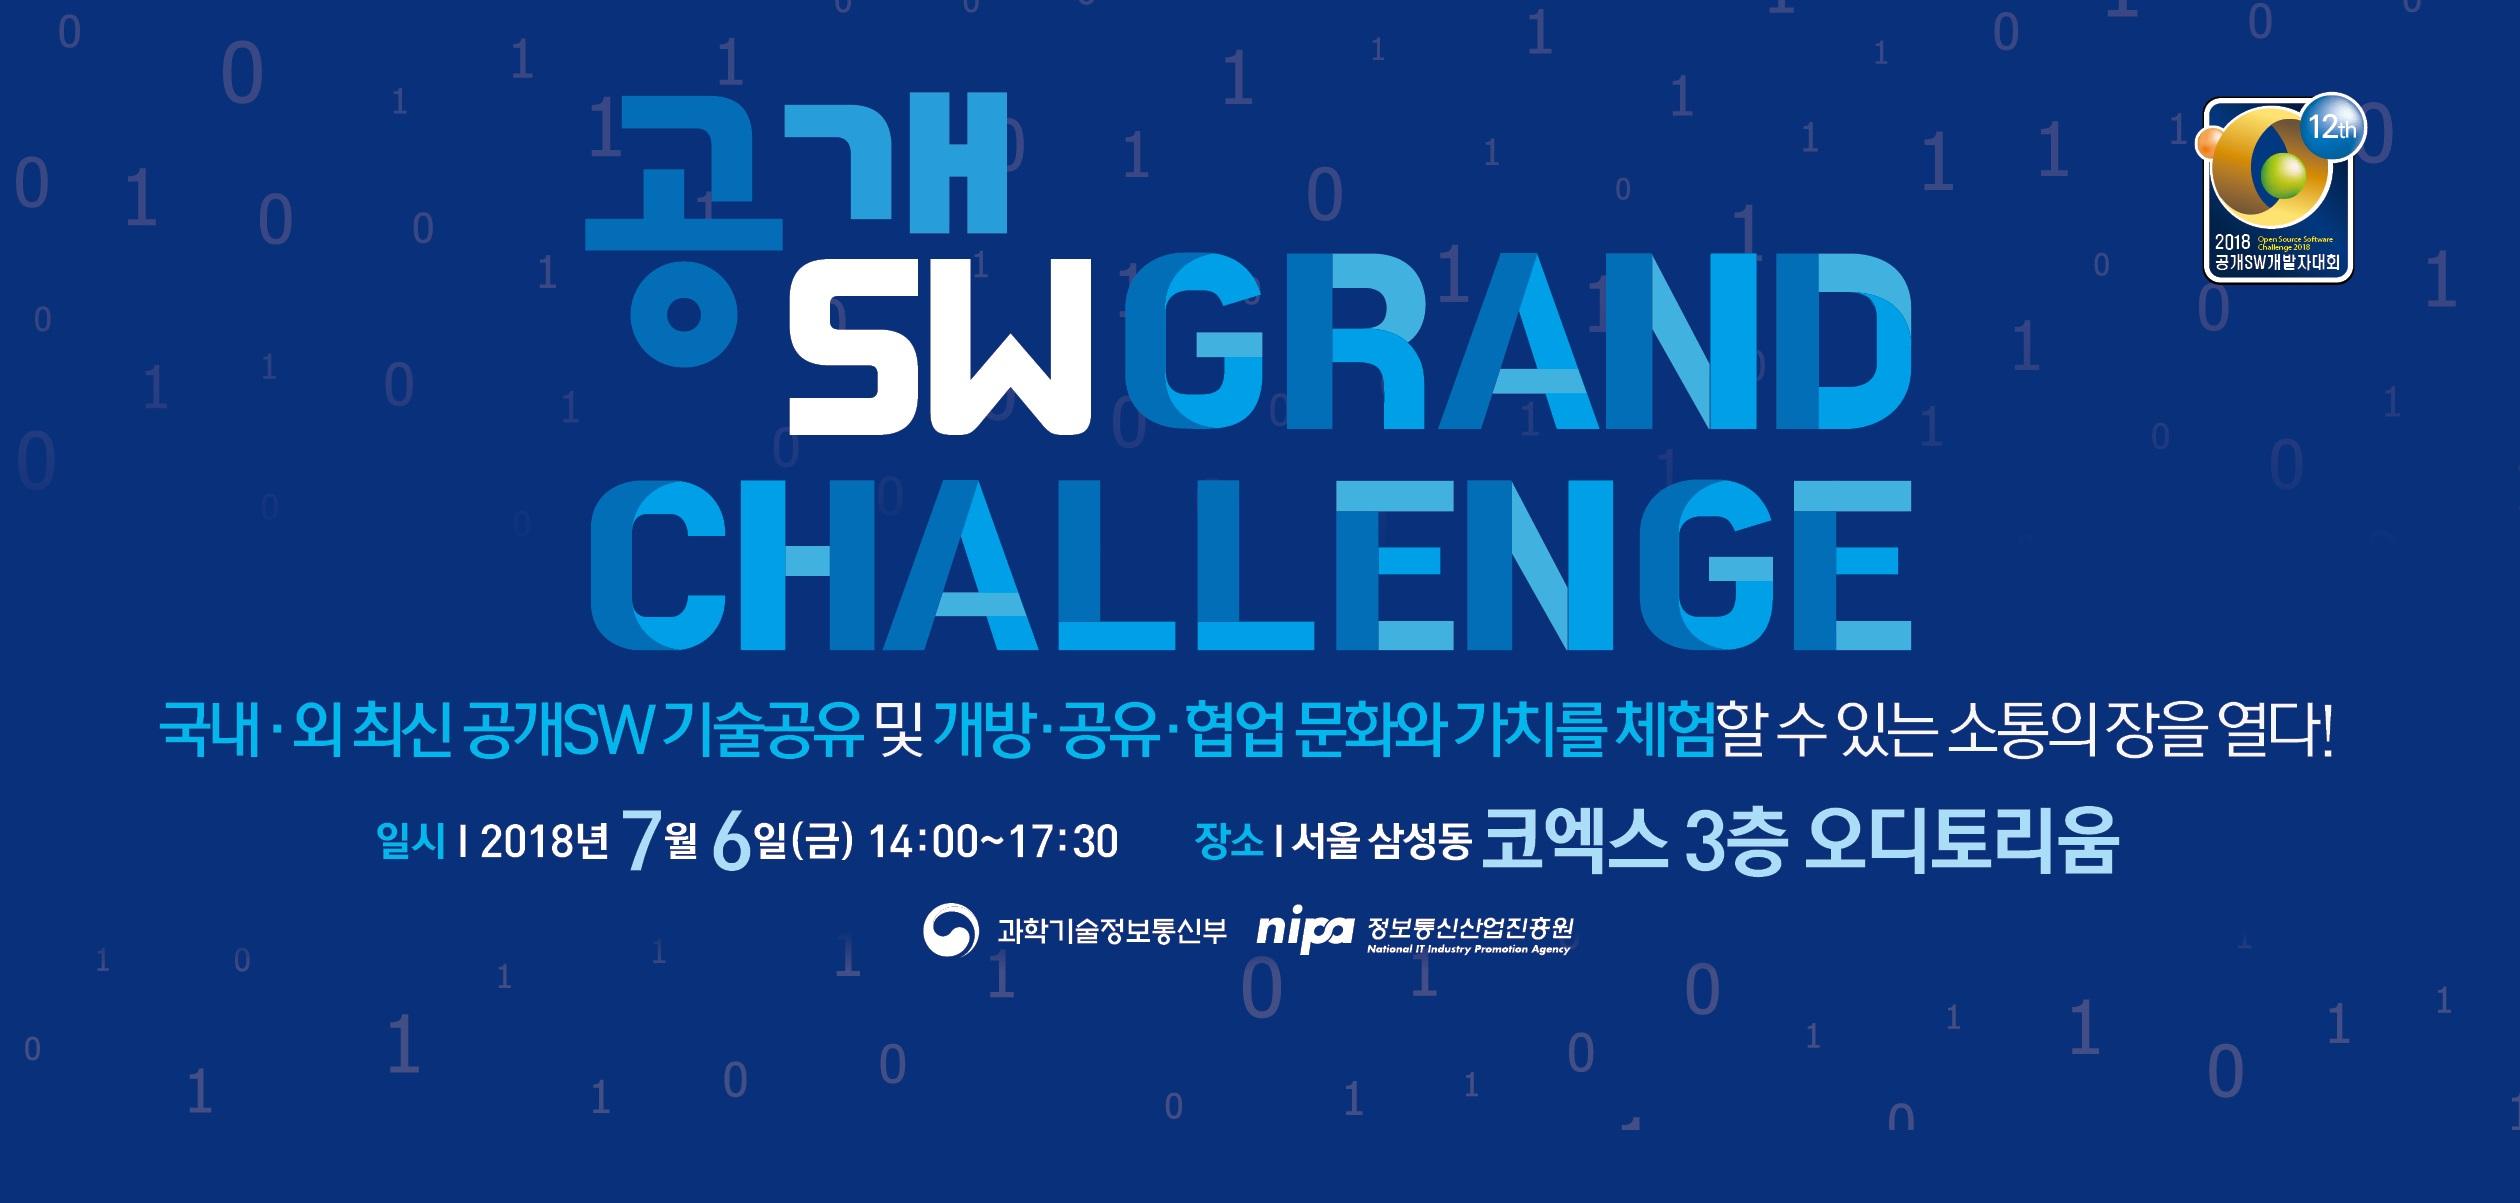 공개SW GRAND CHALLENGE